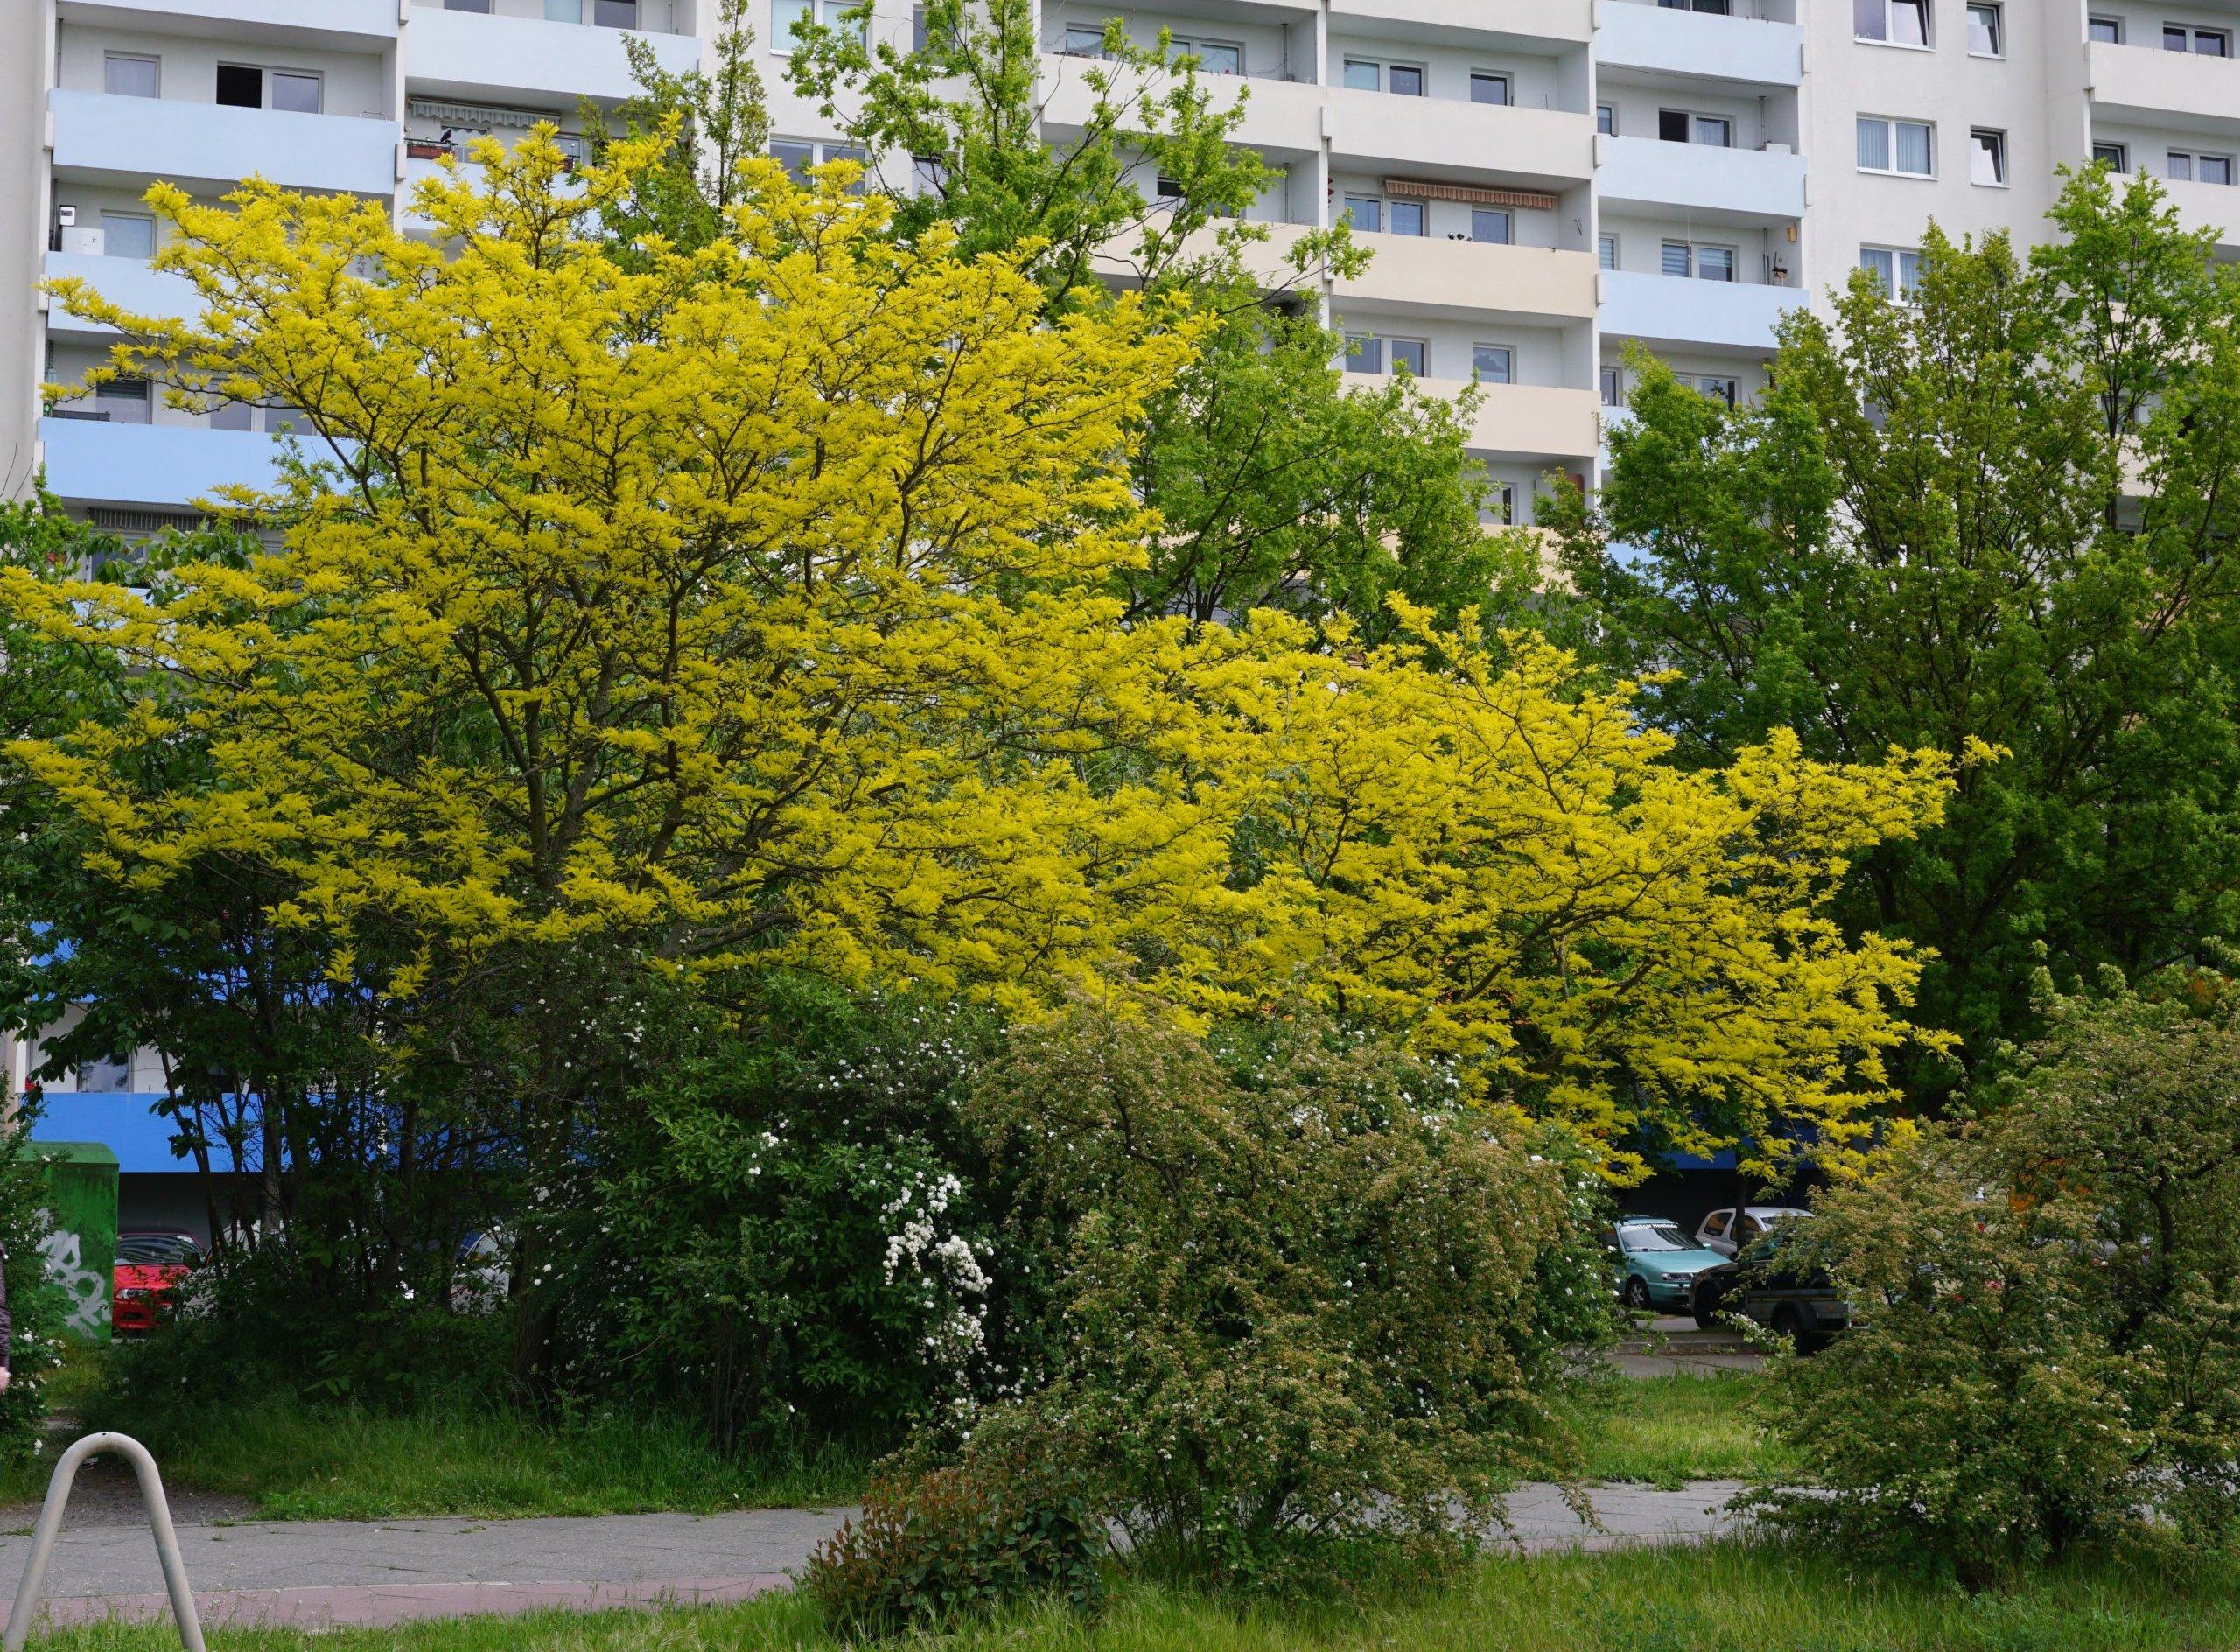 Das Bild zeigt das gelbgrüne junge Laub zweier Gleditschien an der Schönefelder Chaussee am Kosmosviertel im Mai.